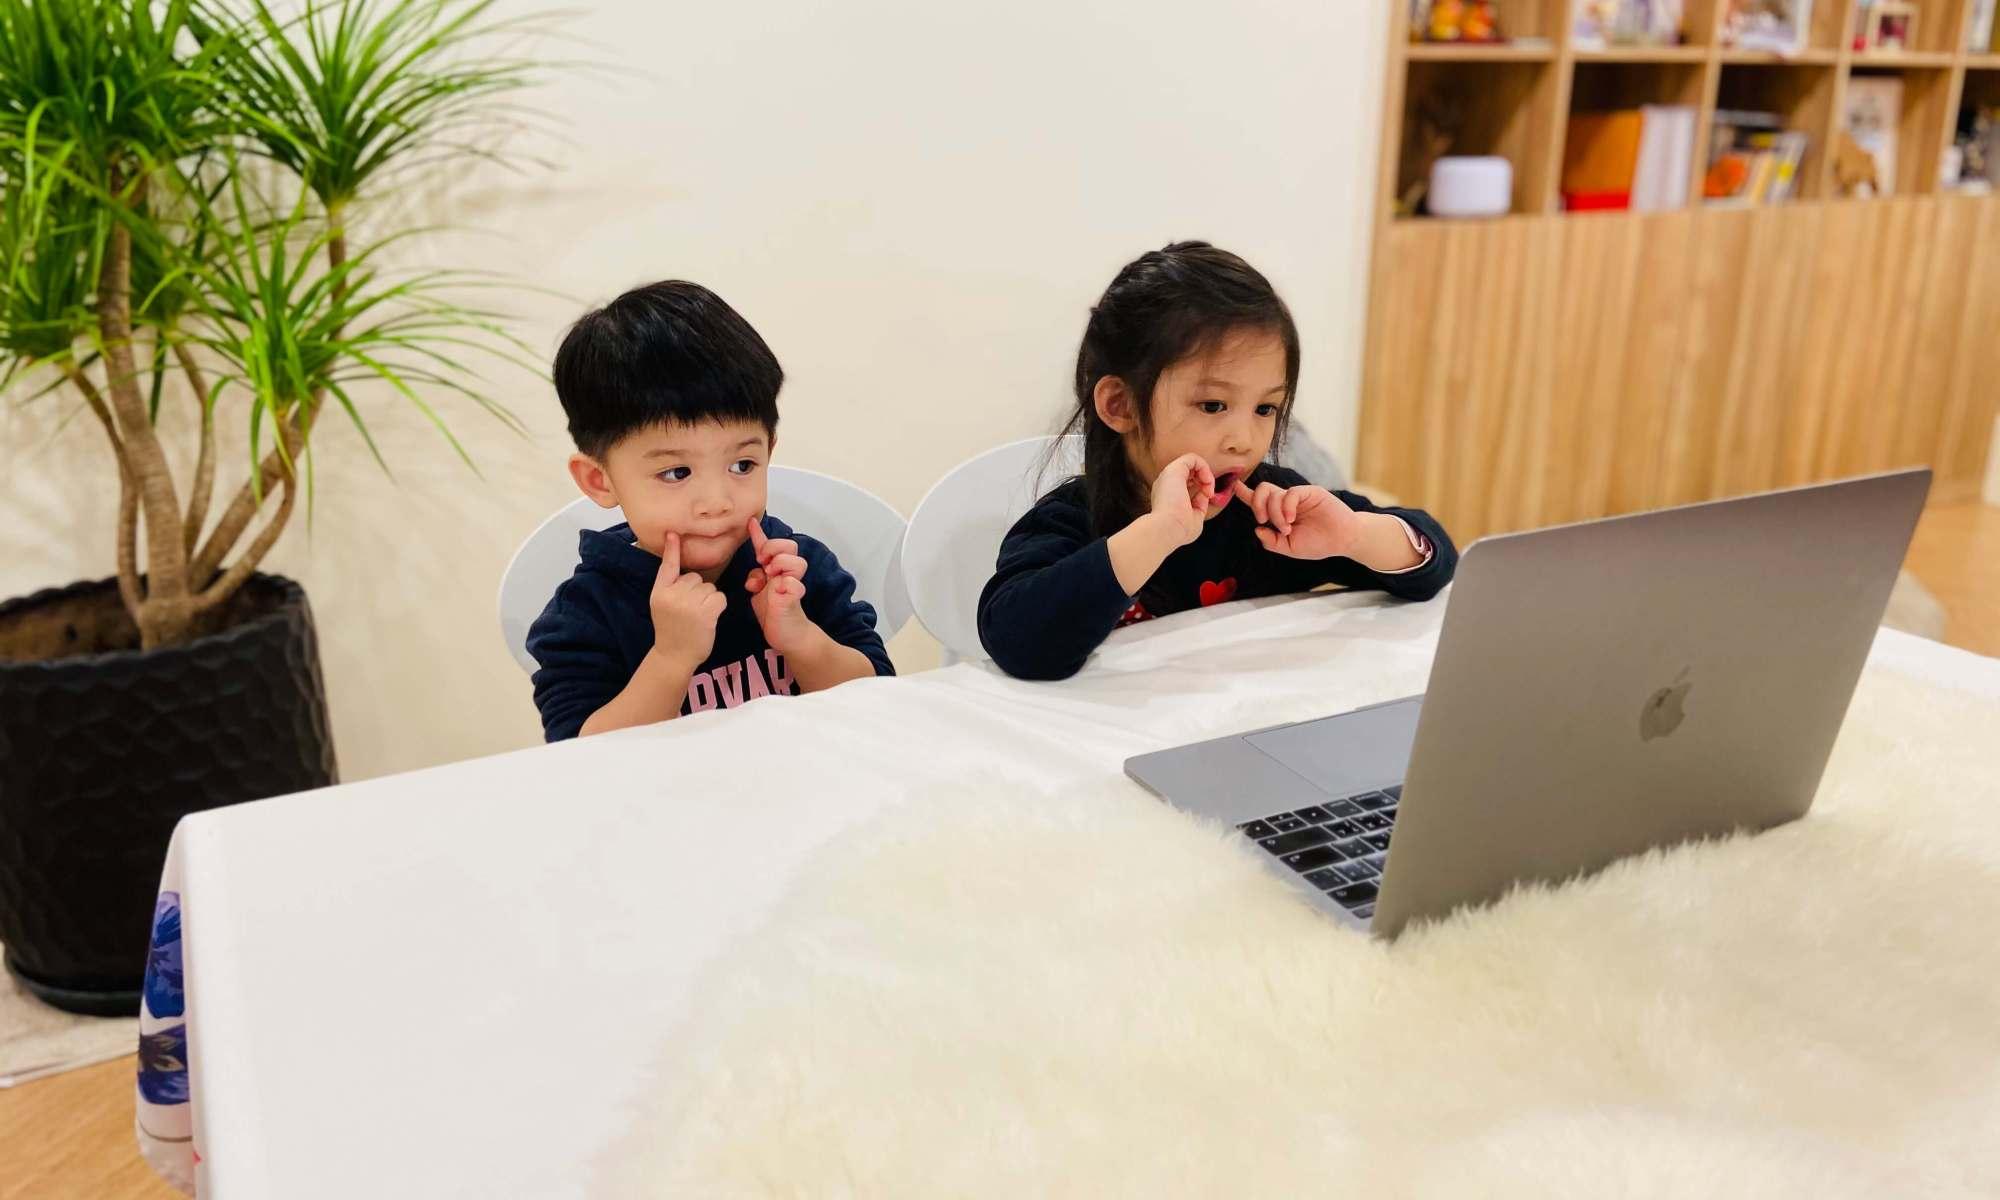 超有趣的 OiKID 線上英文課,開啟媽媽心中的感動與喜悅